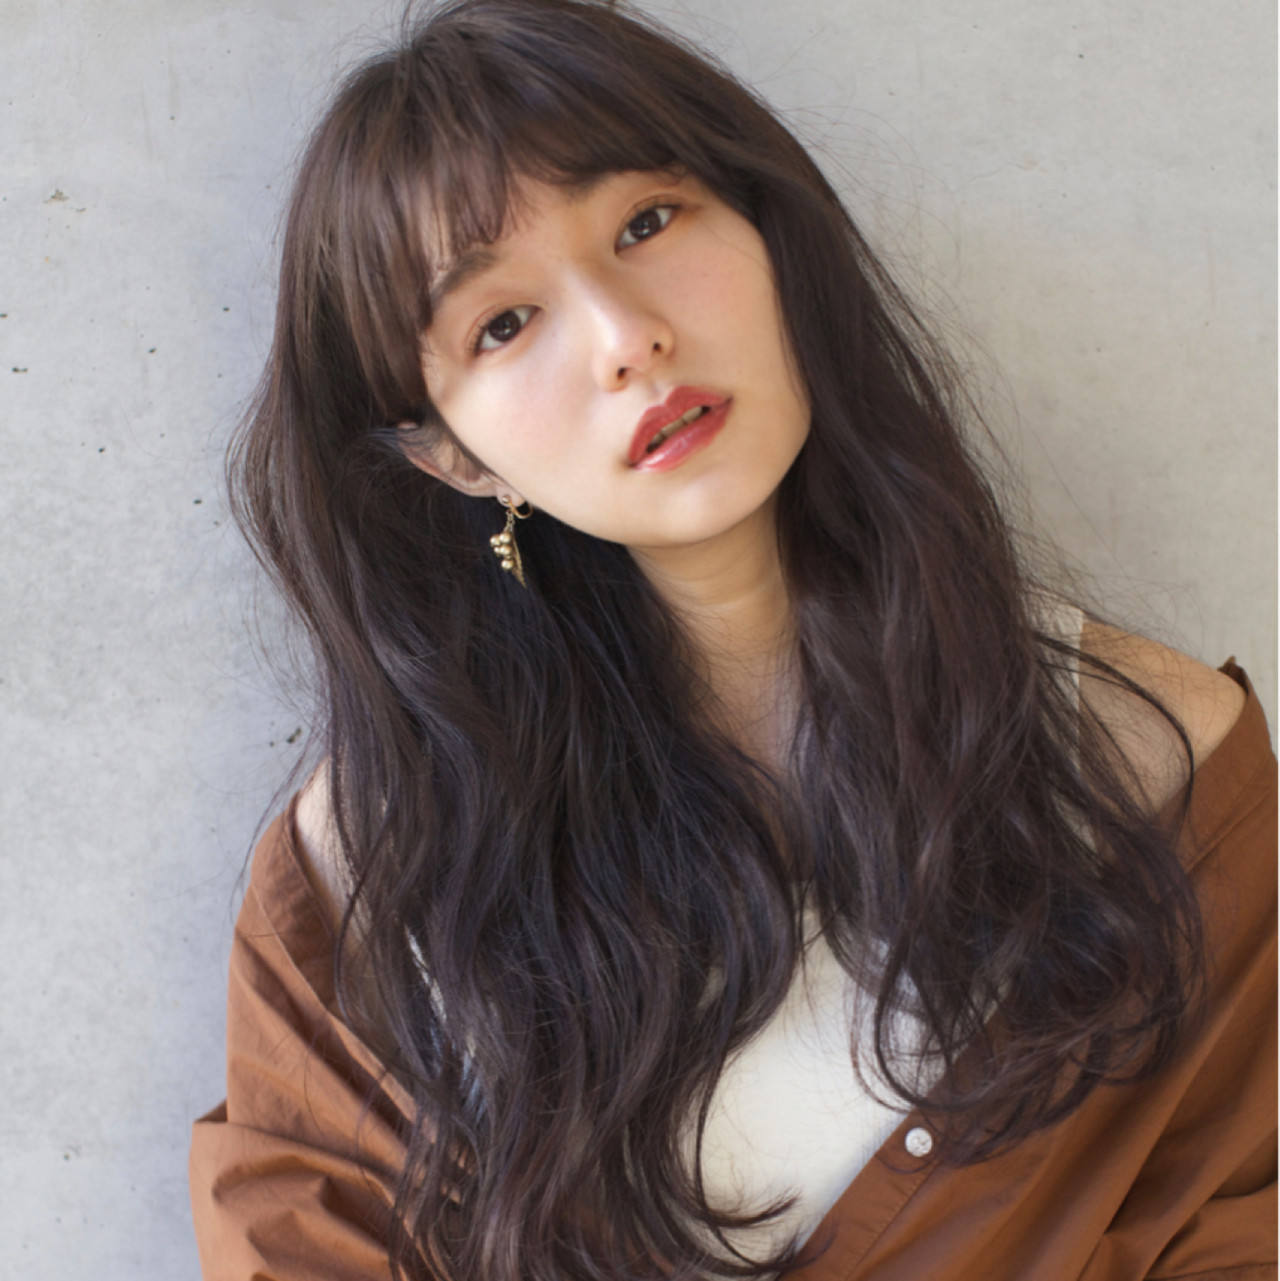 【ロングさん必見】あなた好みの可愛いを♡モテを狙う髪型特集!の7枚目の画像